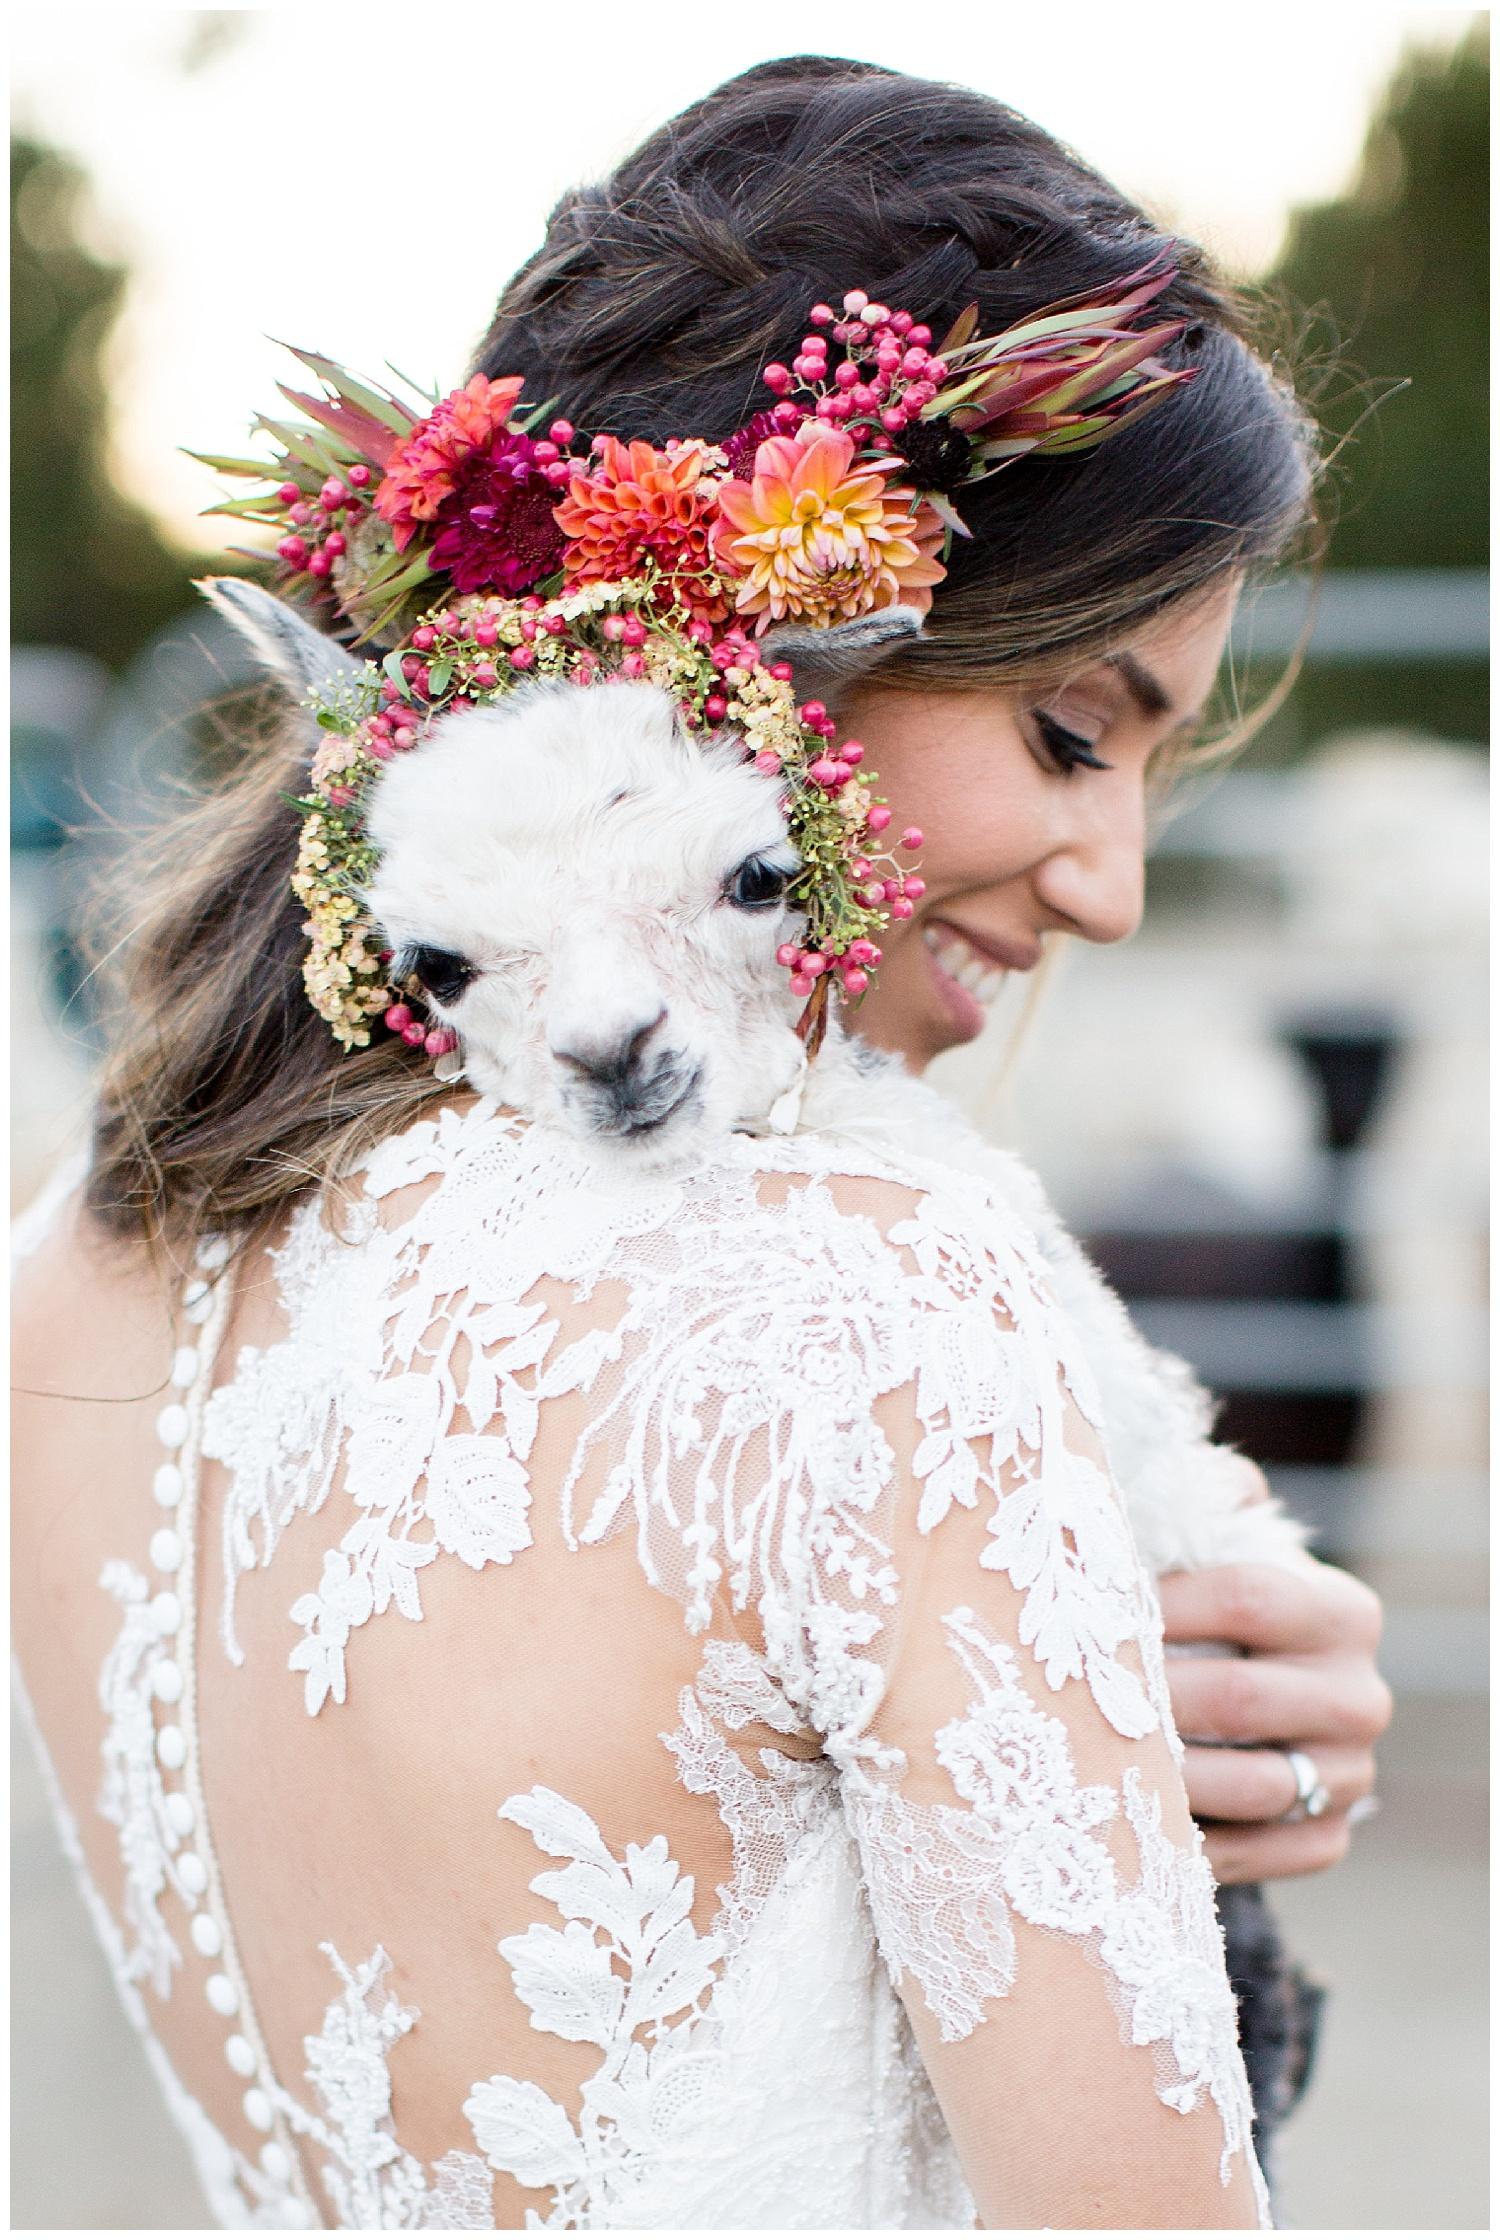 de joy photography baby alpaca floral crown